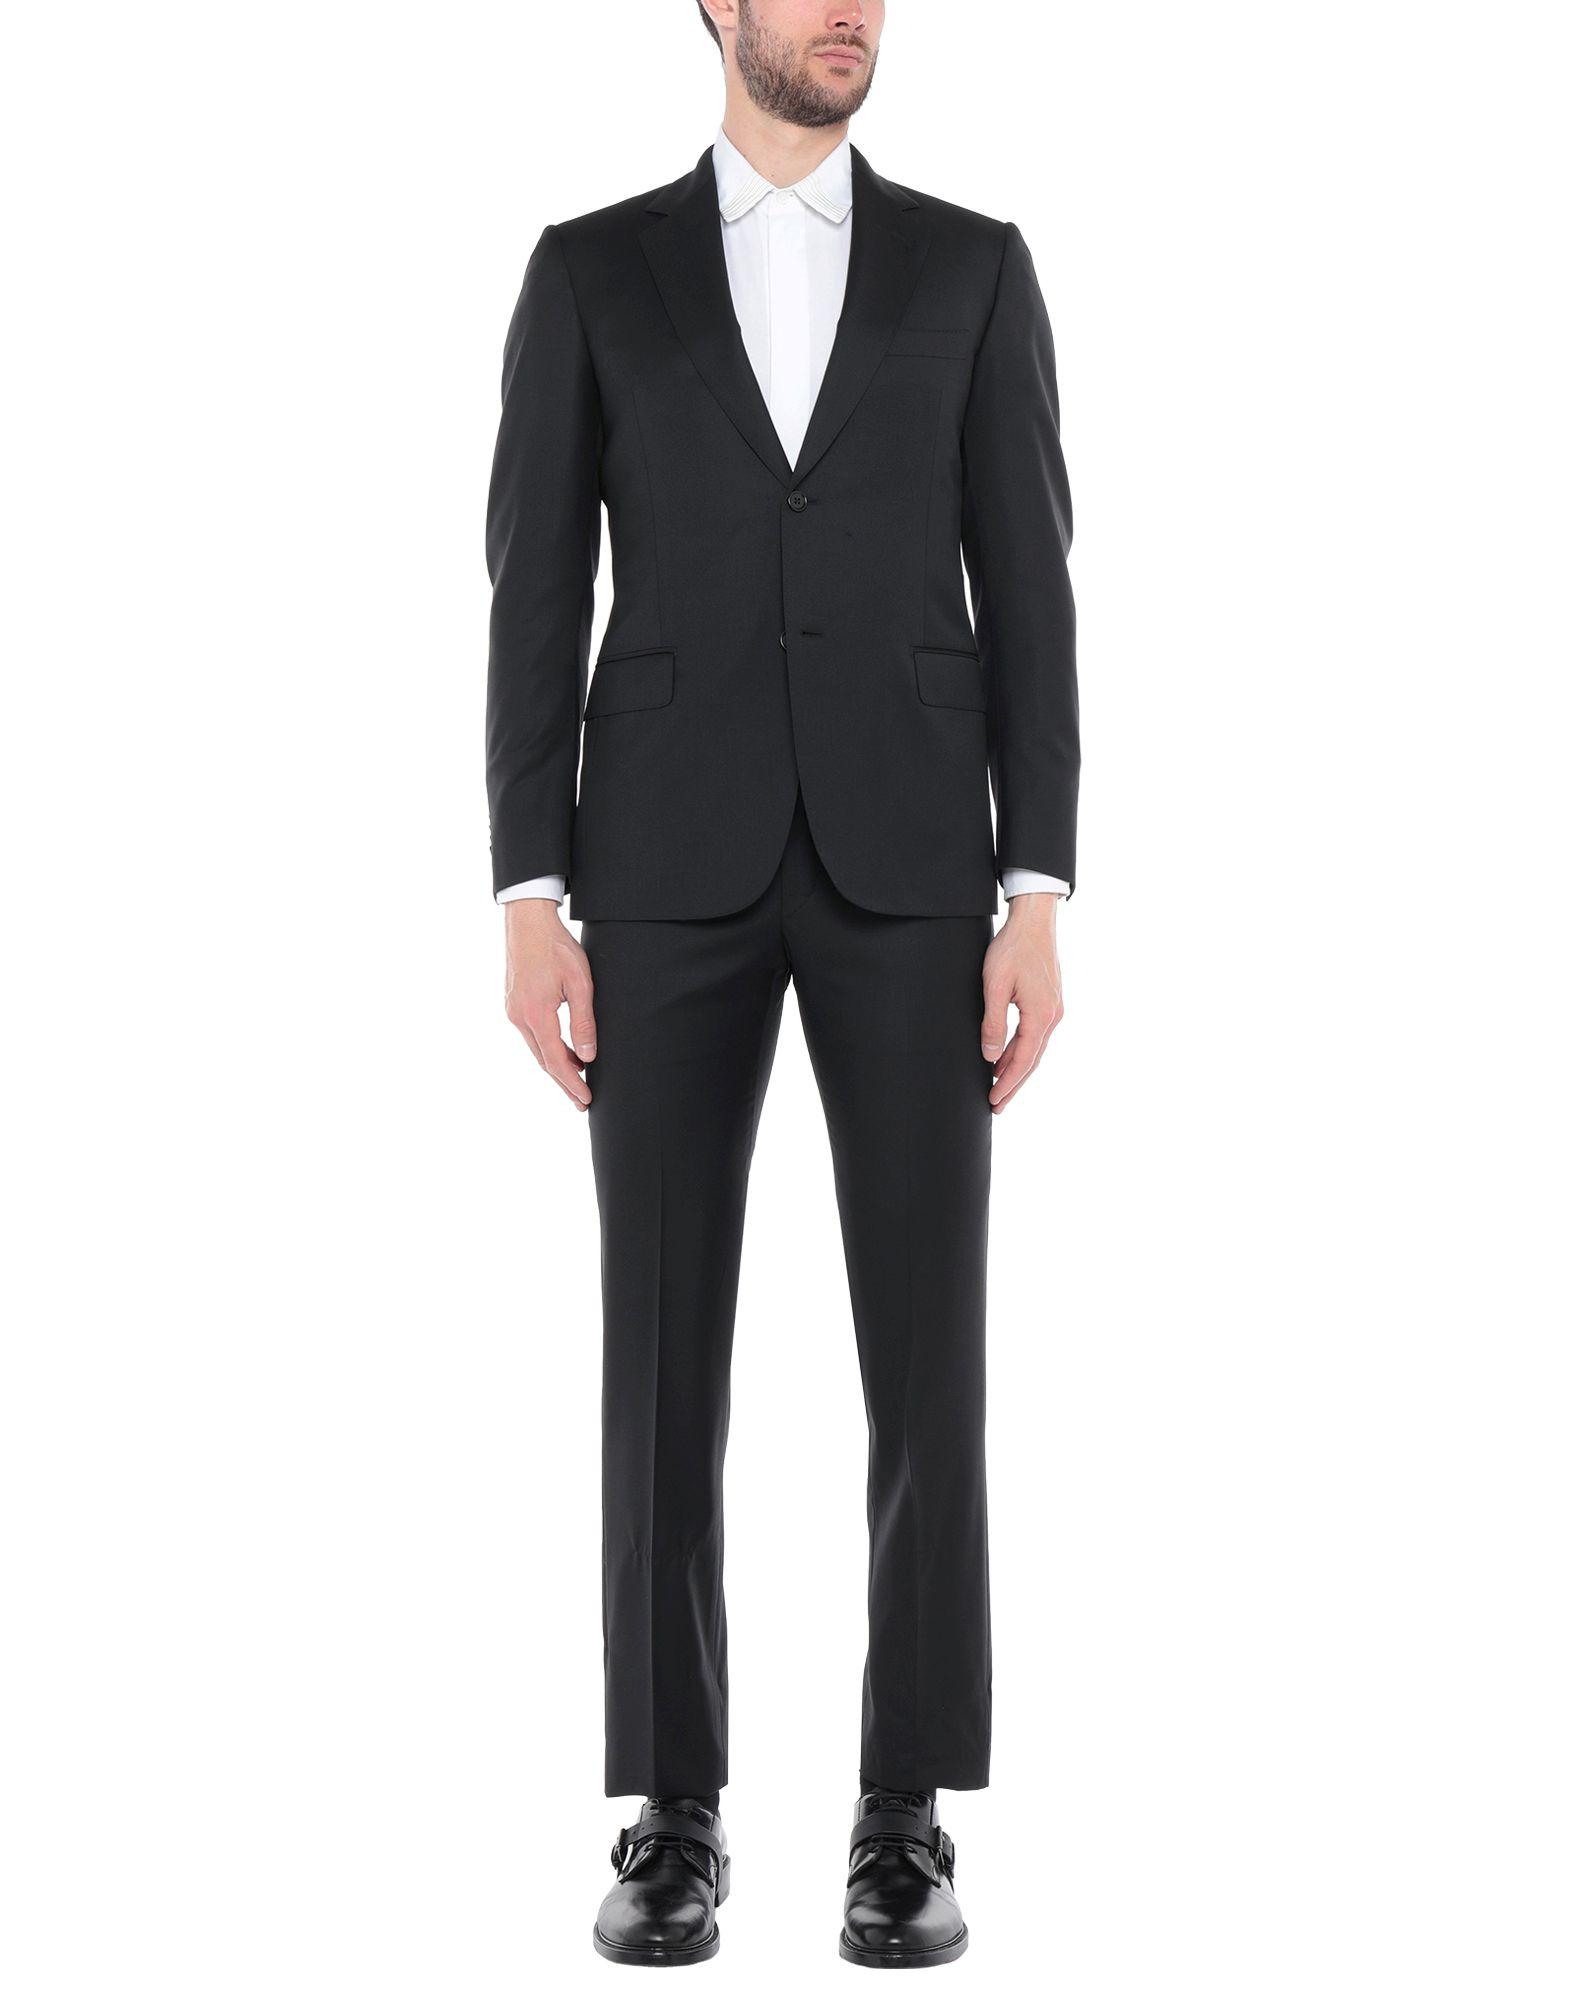 《送料無料》SARTORIA CASTANGIA メンズ スーツ ブラック 46 スーパー130 ウール 100%